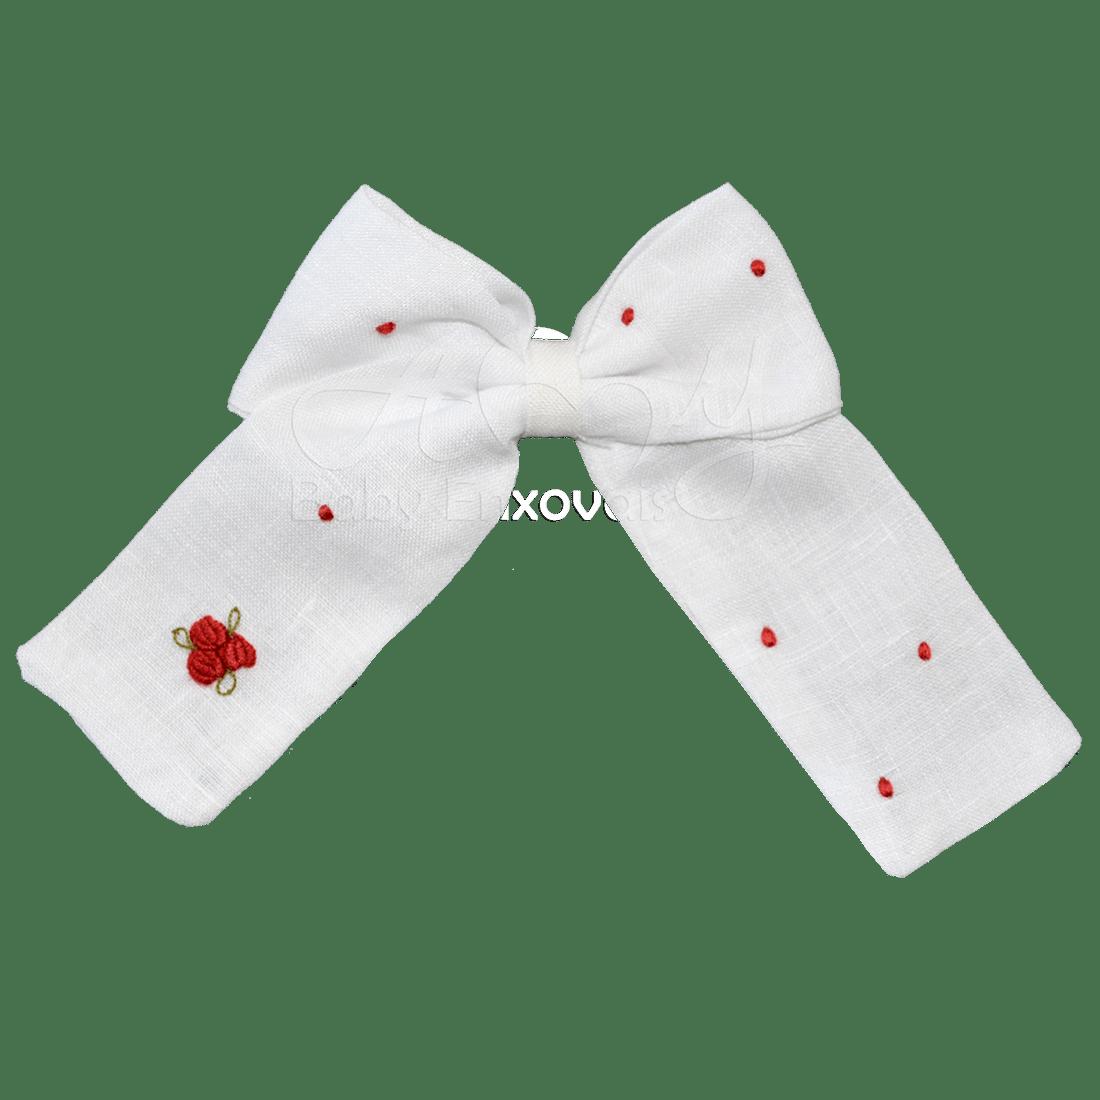 Laço bico de pato em linho branco bordado rococó vermelho - M e G